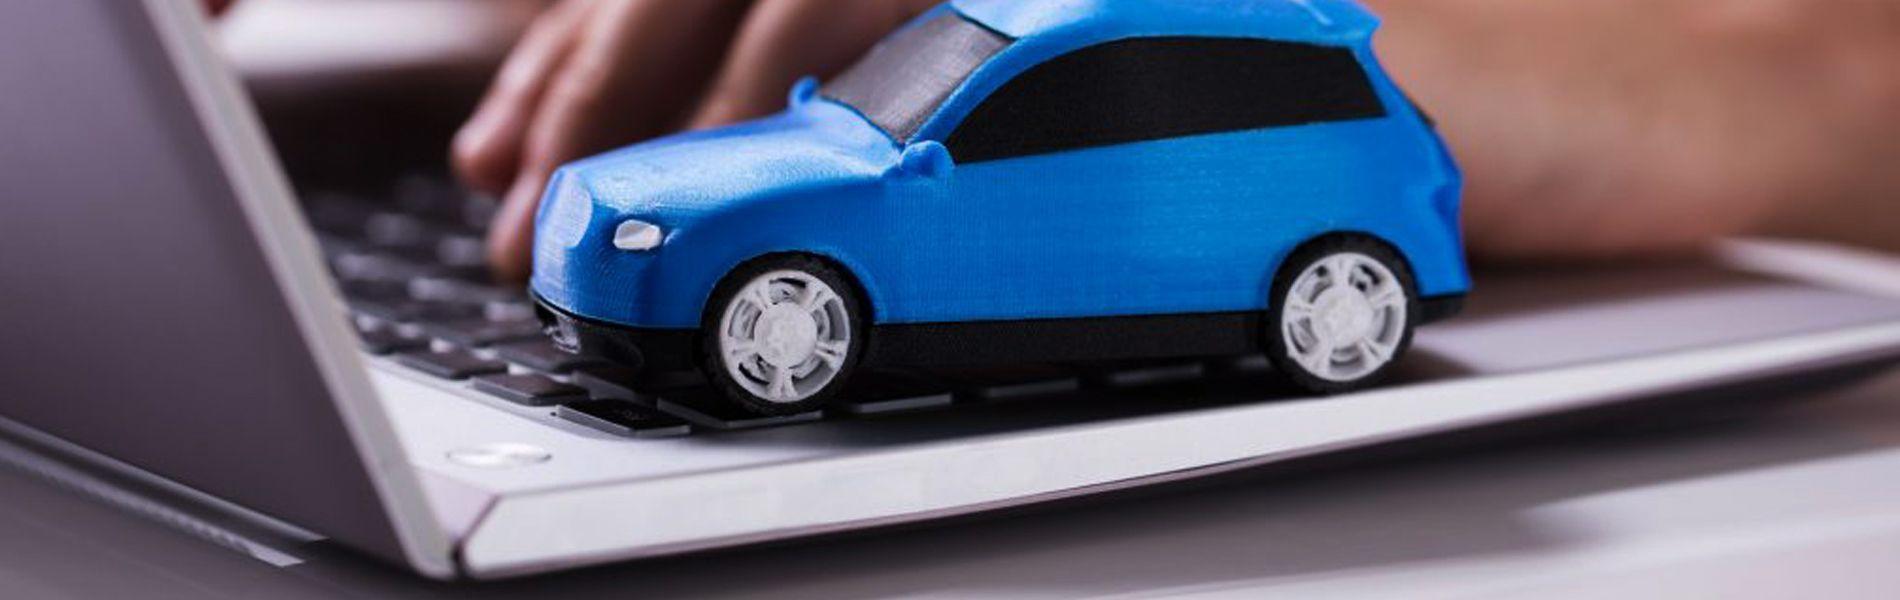 როგორ დავწერო მანქანის აღწერა სწორად ?